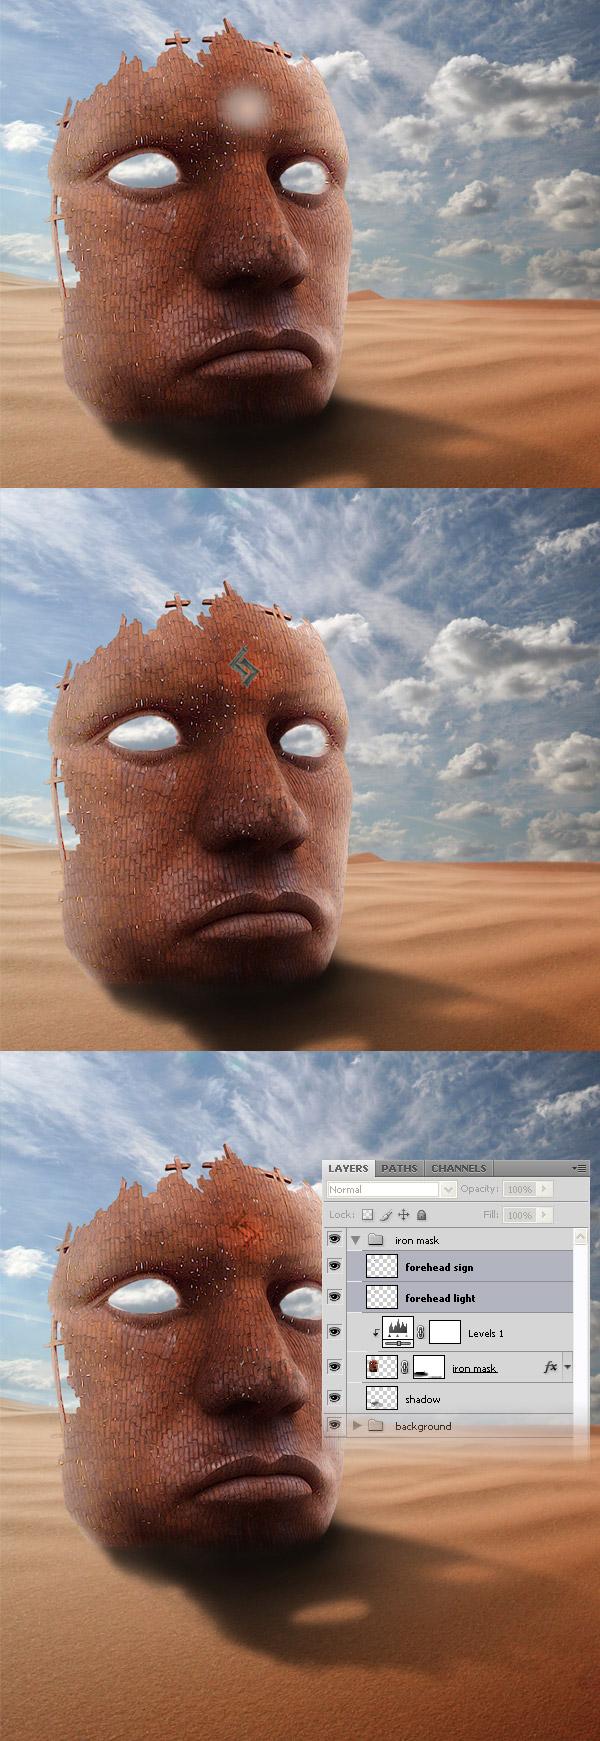 11 Chiếc Đồng Hồ Kỳ Lạ trên Hoang Mạc